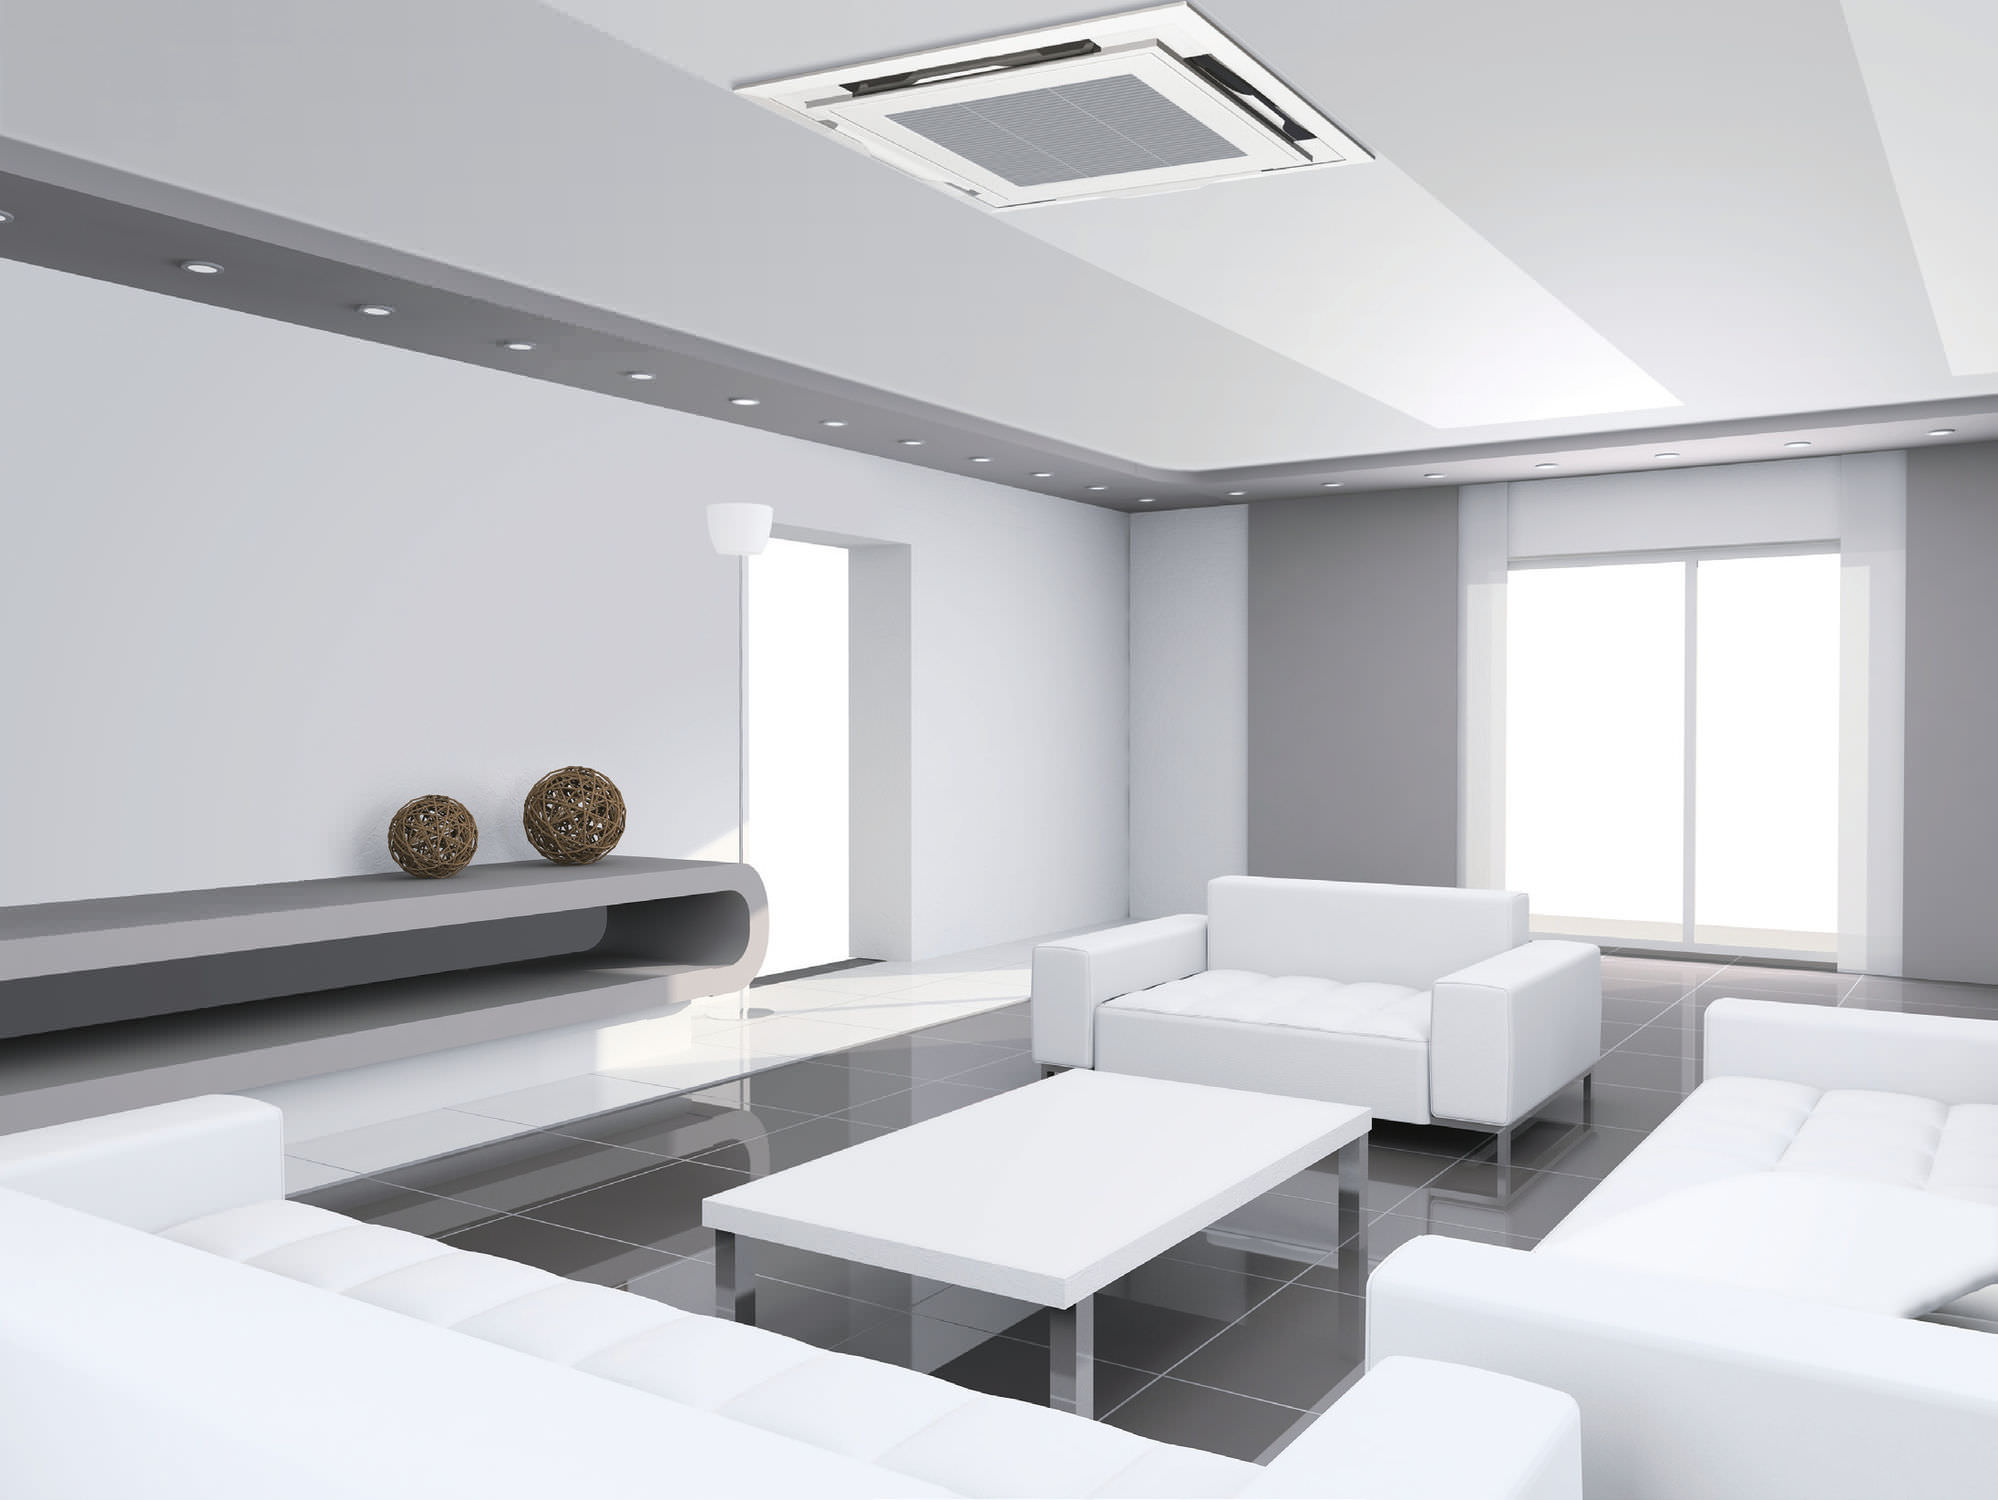 Ceiling Cassette Air Con Systems SP Models Triump